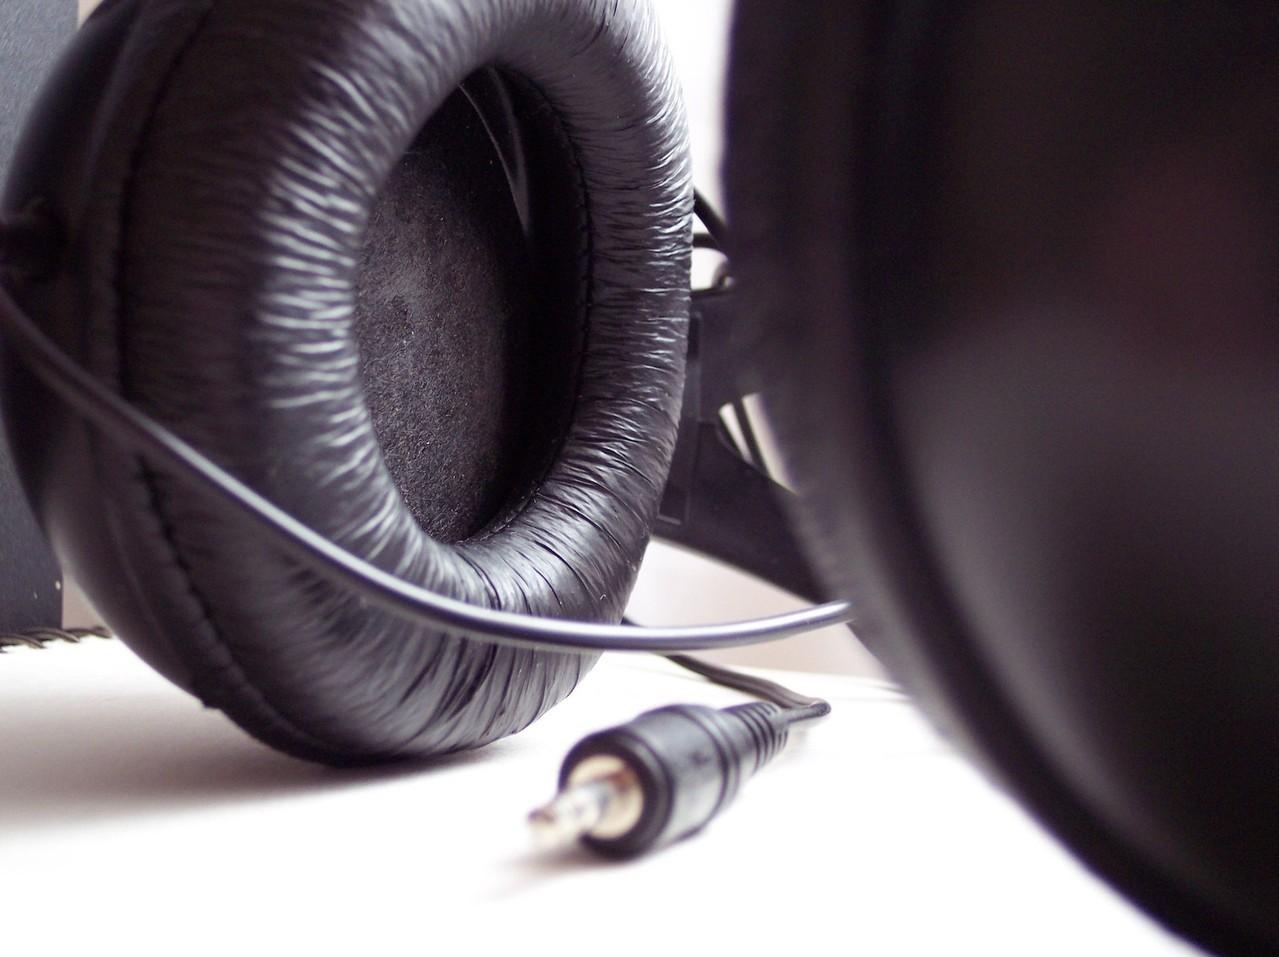 Izolator akustyczny – z jakim sprzętem i dlaczego warto go używać?